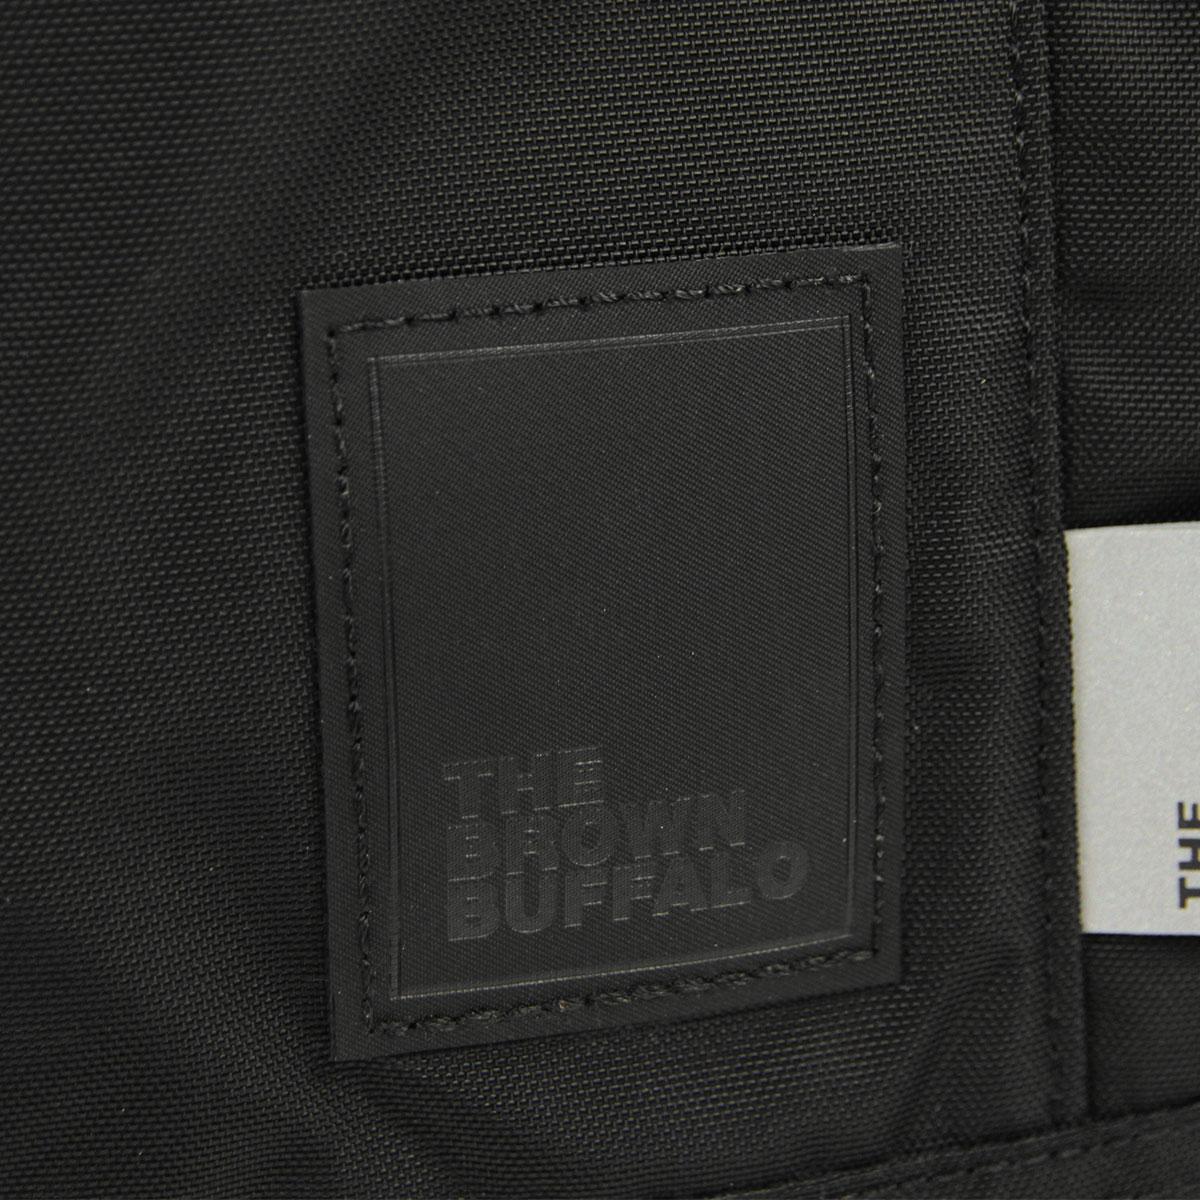 ザ ブラウン バッファロー バックパック メンズ レディース 正規販売店 THE BROWN BUFFALO リュックサック バッグ CONCEAL BACKPACK BLACK F18CP420DBLK1 AA7B B3C C8D D3E E13F